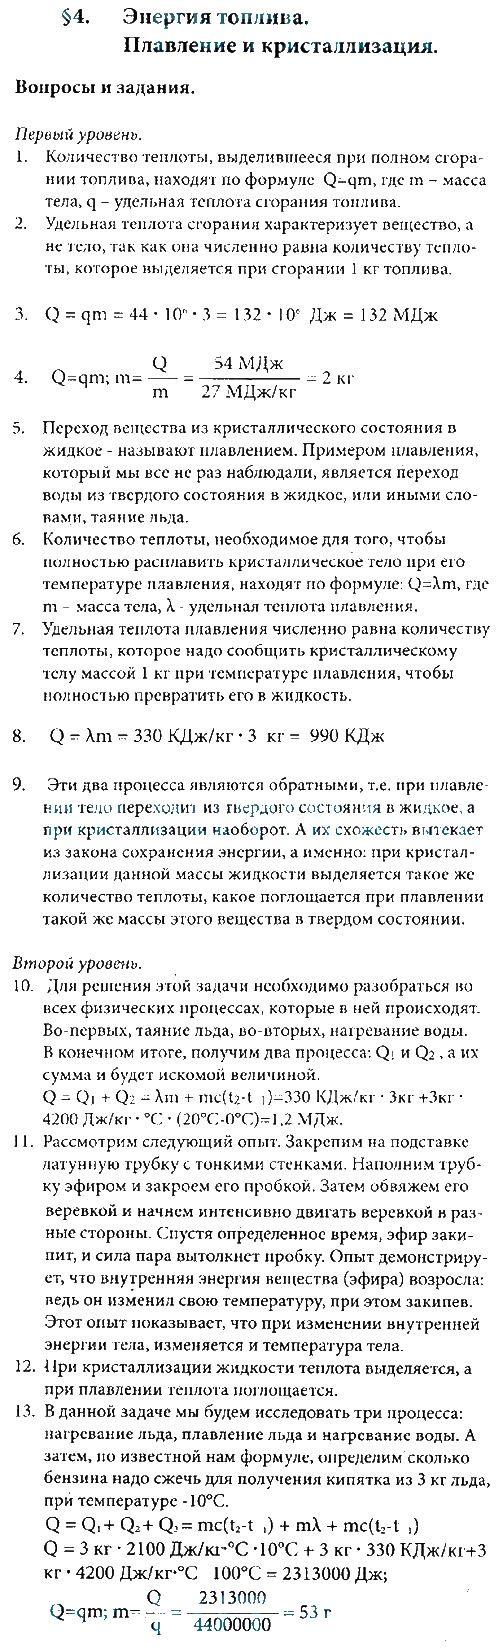 Готовые домашние задания русский язык скачать класс